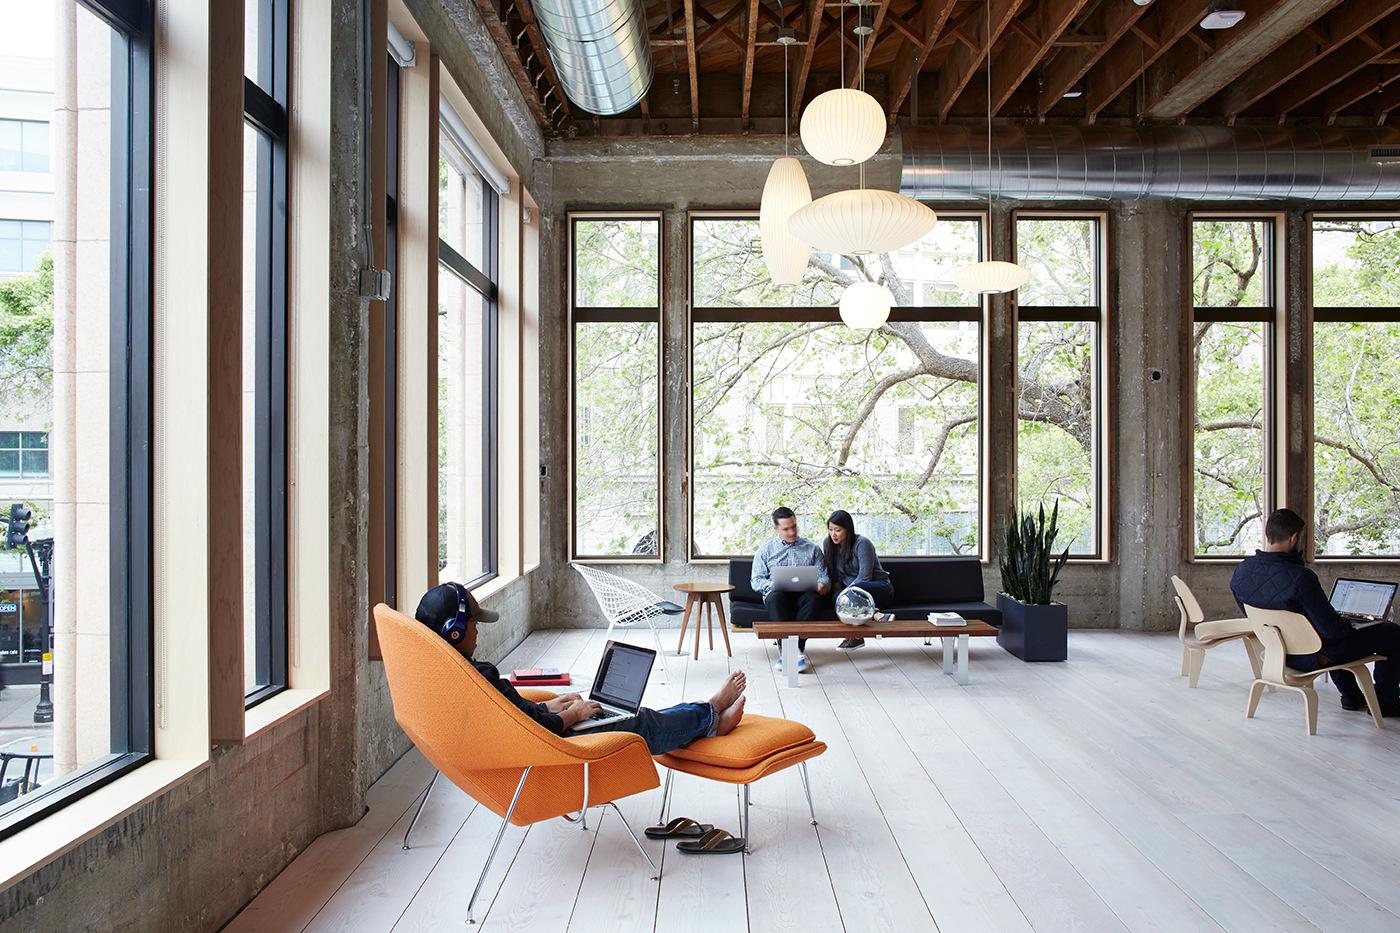 Knoll_Corporate_VSCO_Oakland_1.jpg